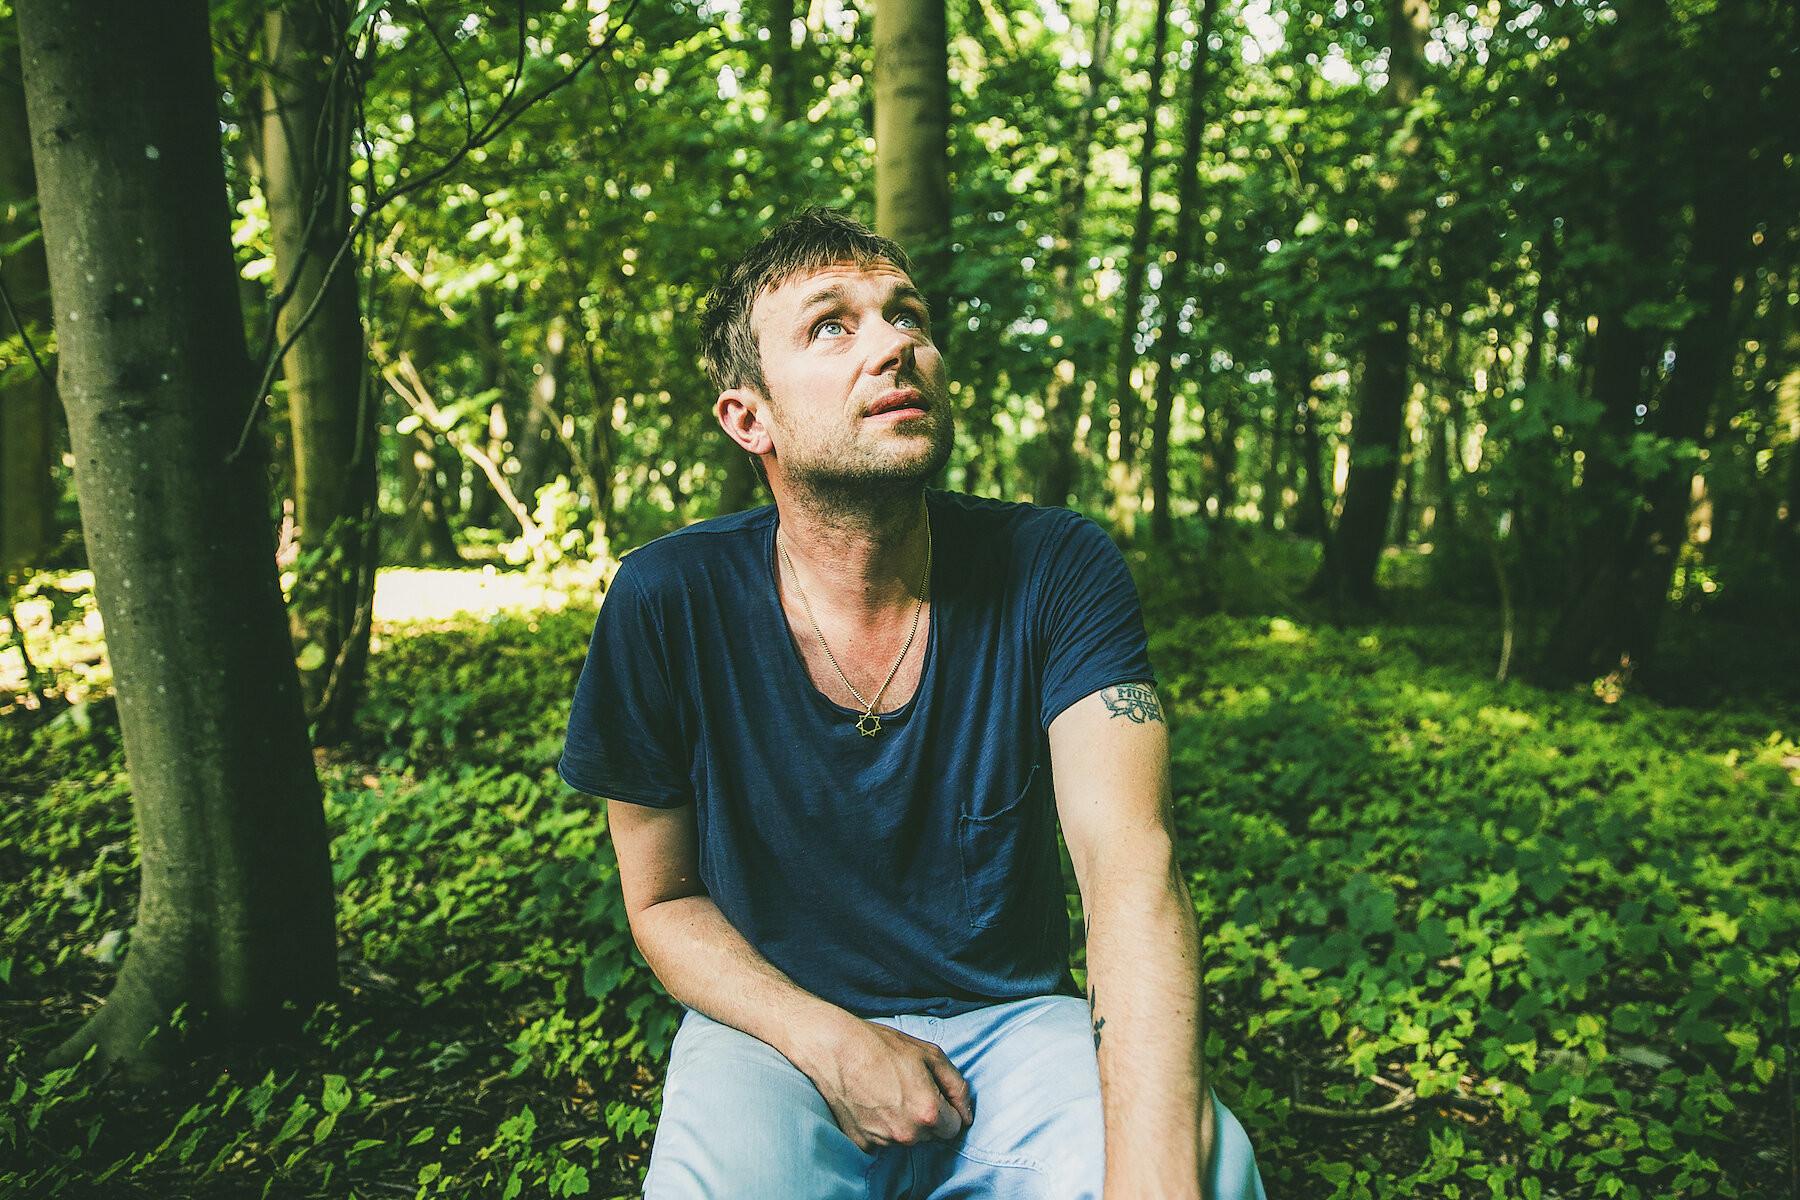 דיימון אלברן – חמישה אלבומים שכדאי להכיר